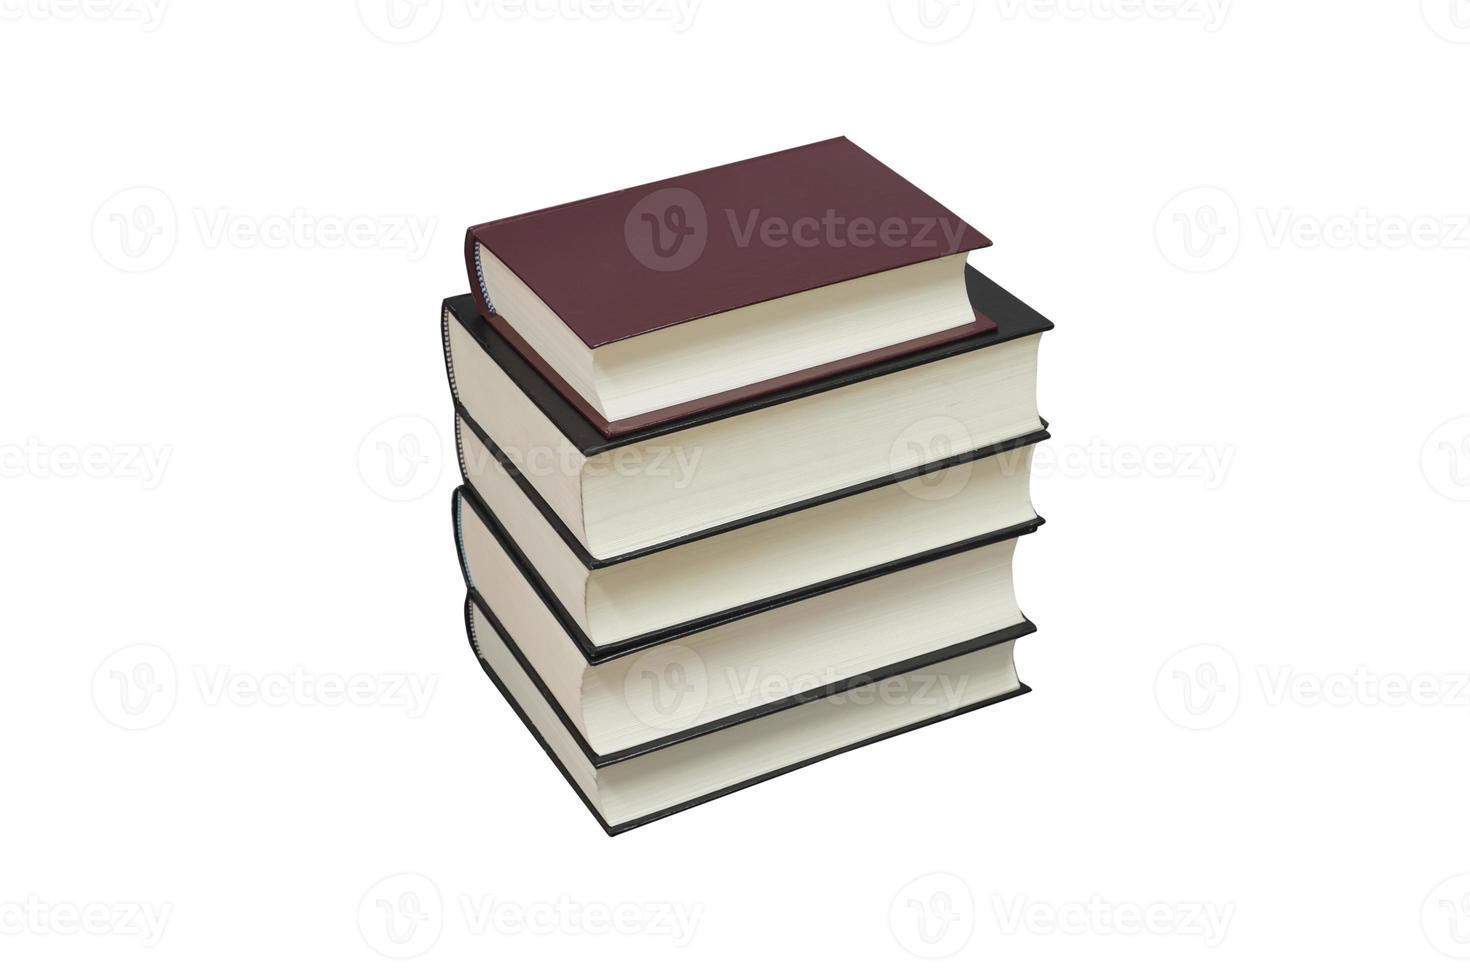 vieux livres isolés sur blanc photo